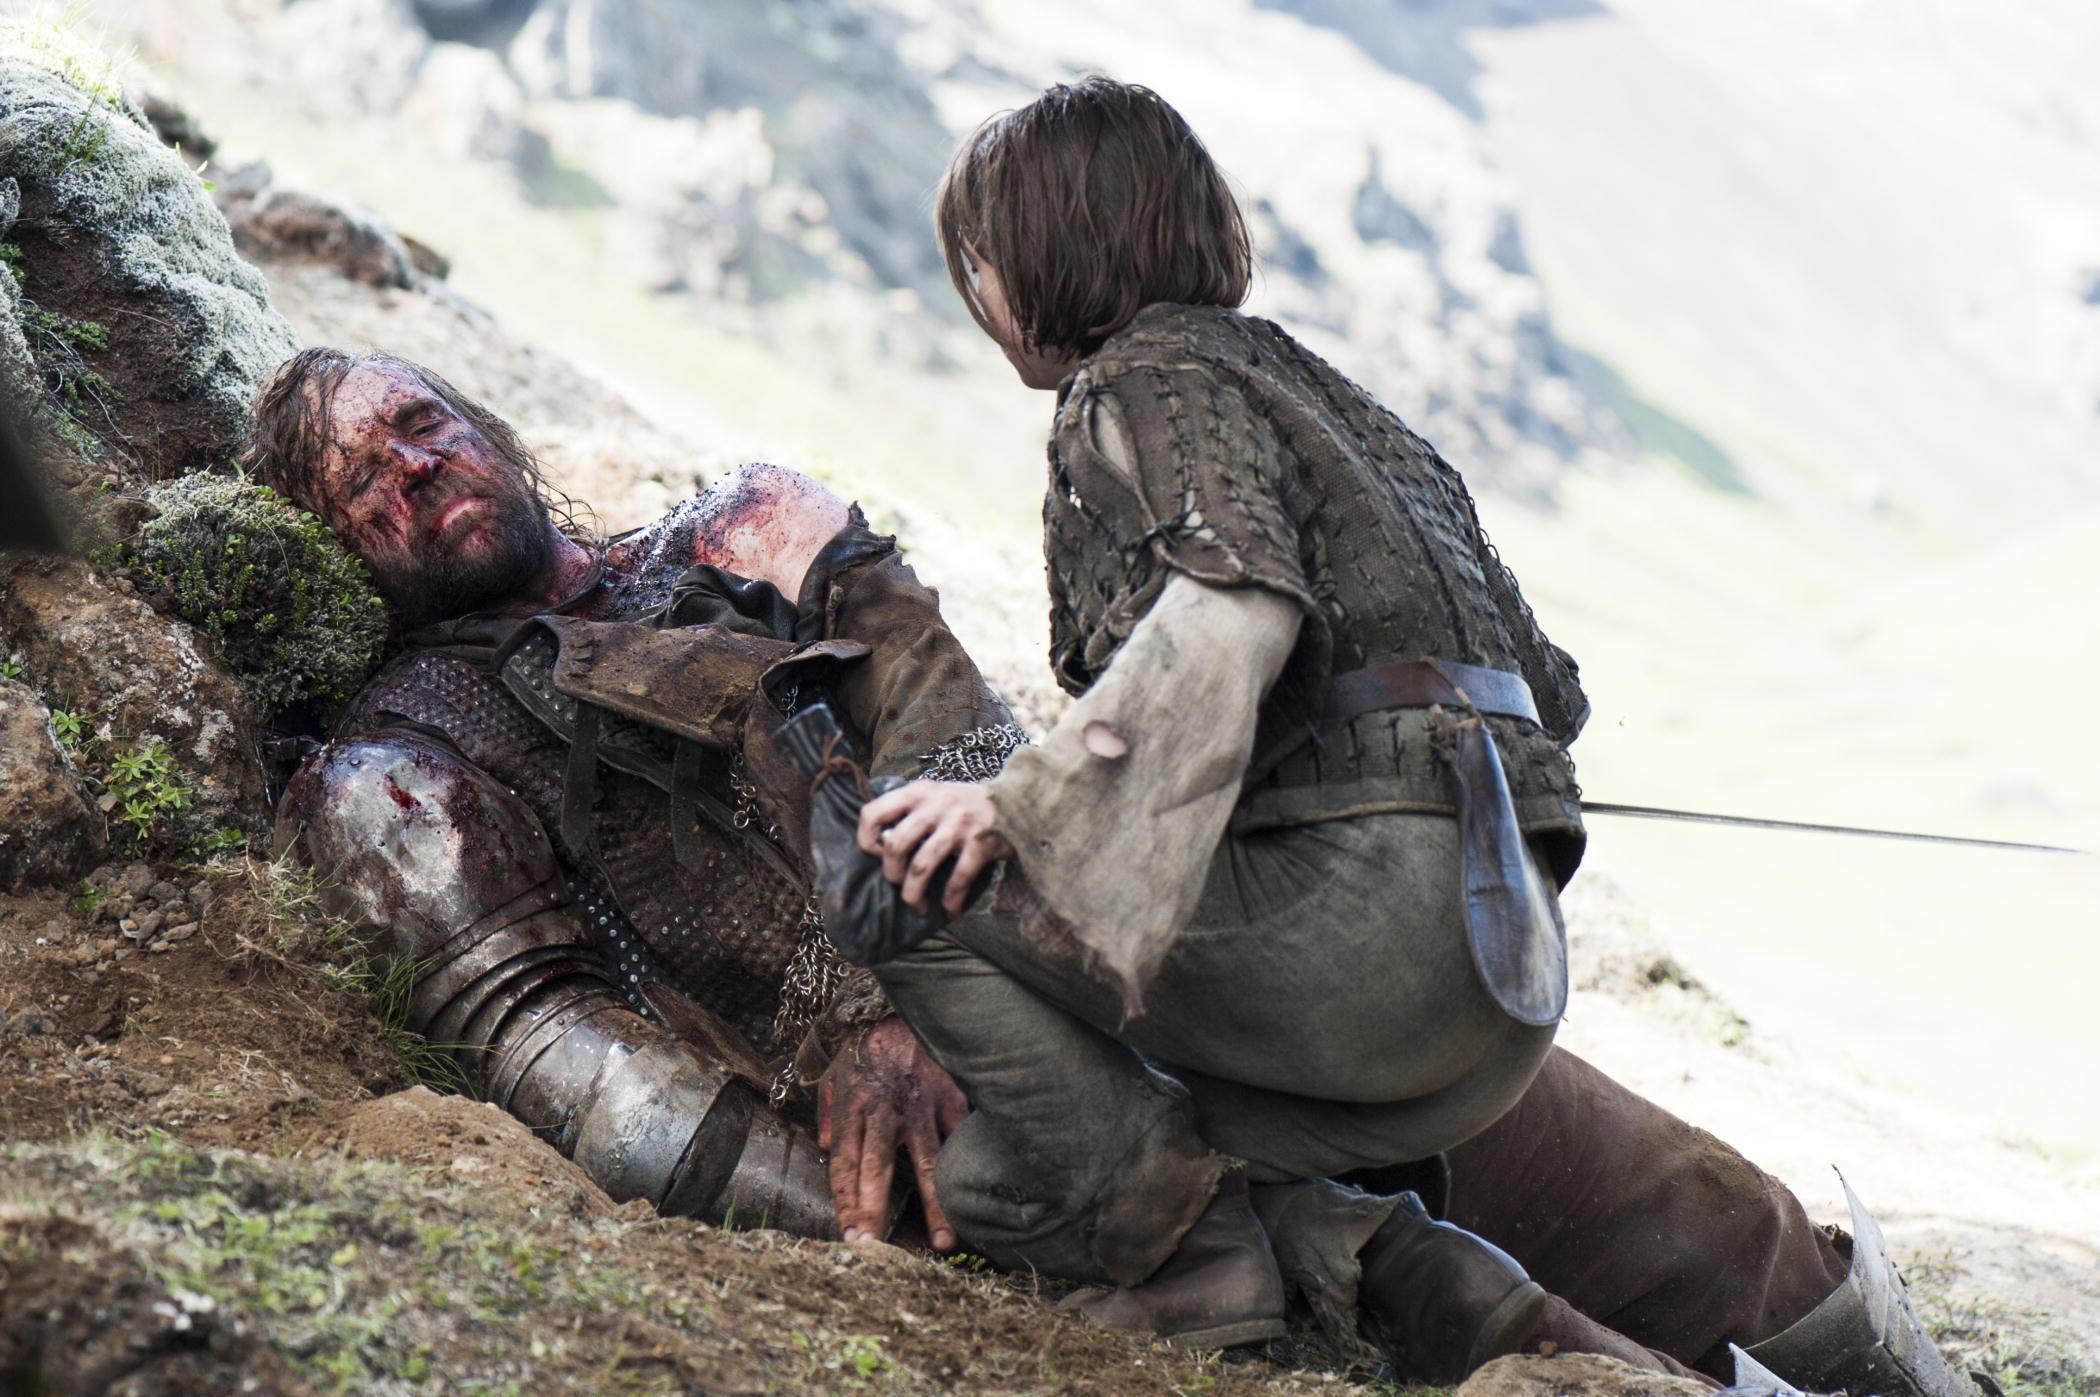 Arya abandona al Perro mal herido y se niega a acabar con su sufrimiento.